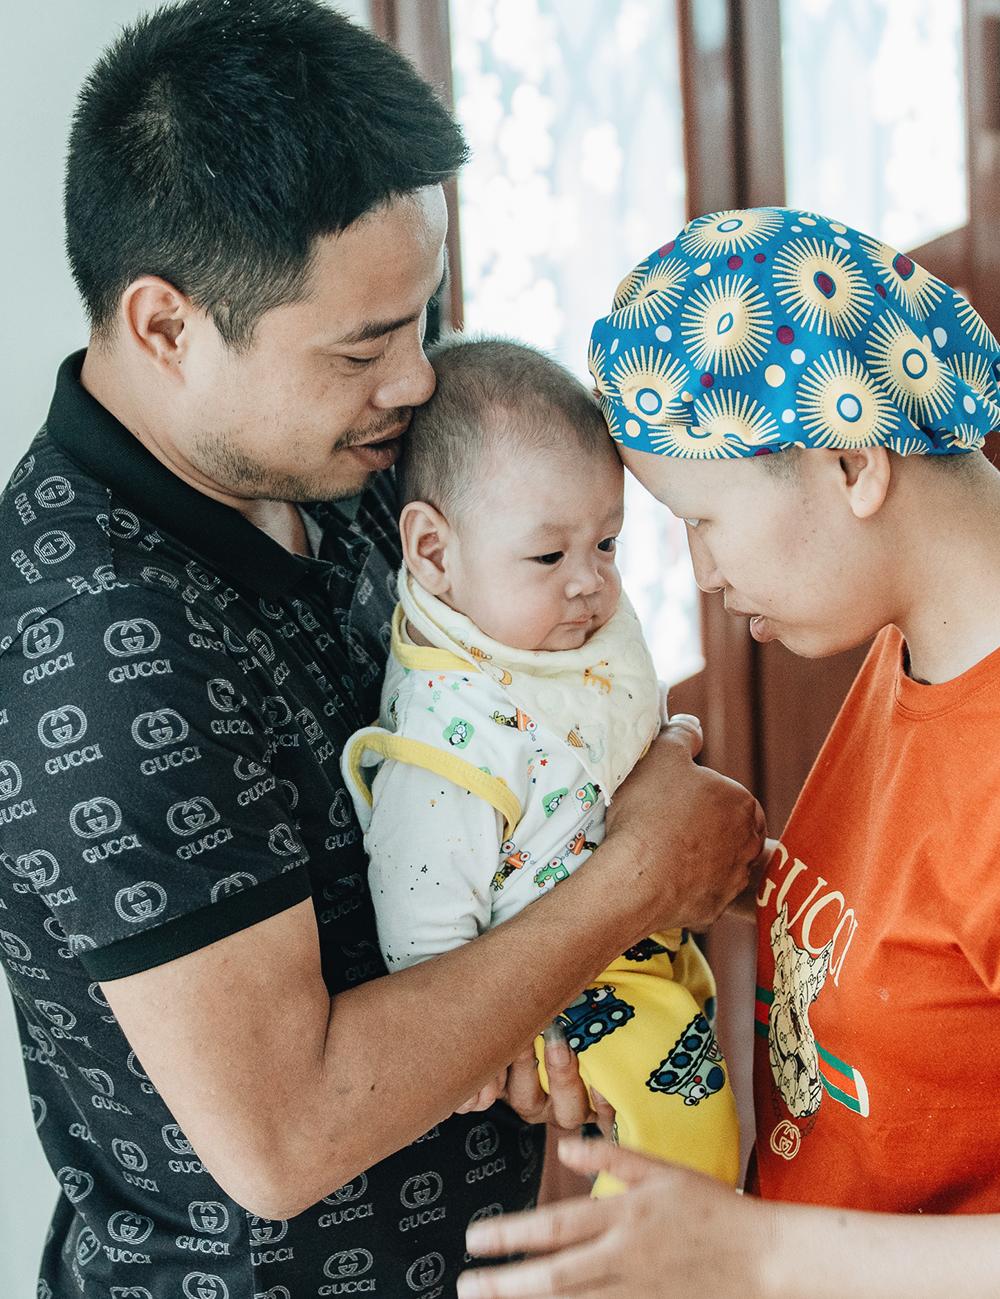 Đỗ Bình An đã được 6 tháng tuổi: Câu chuyện phi thường của người mẹ ung thư giai đoạn cuối, quyết sinh con bằng tất cả tình yêu thương và lòng dũng cảm - Ảnh 13.